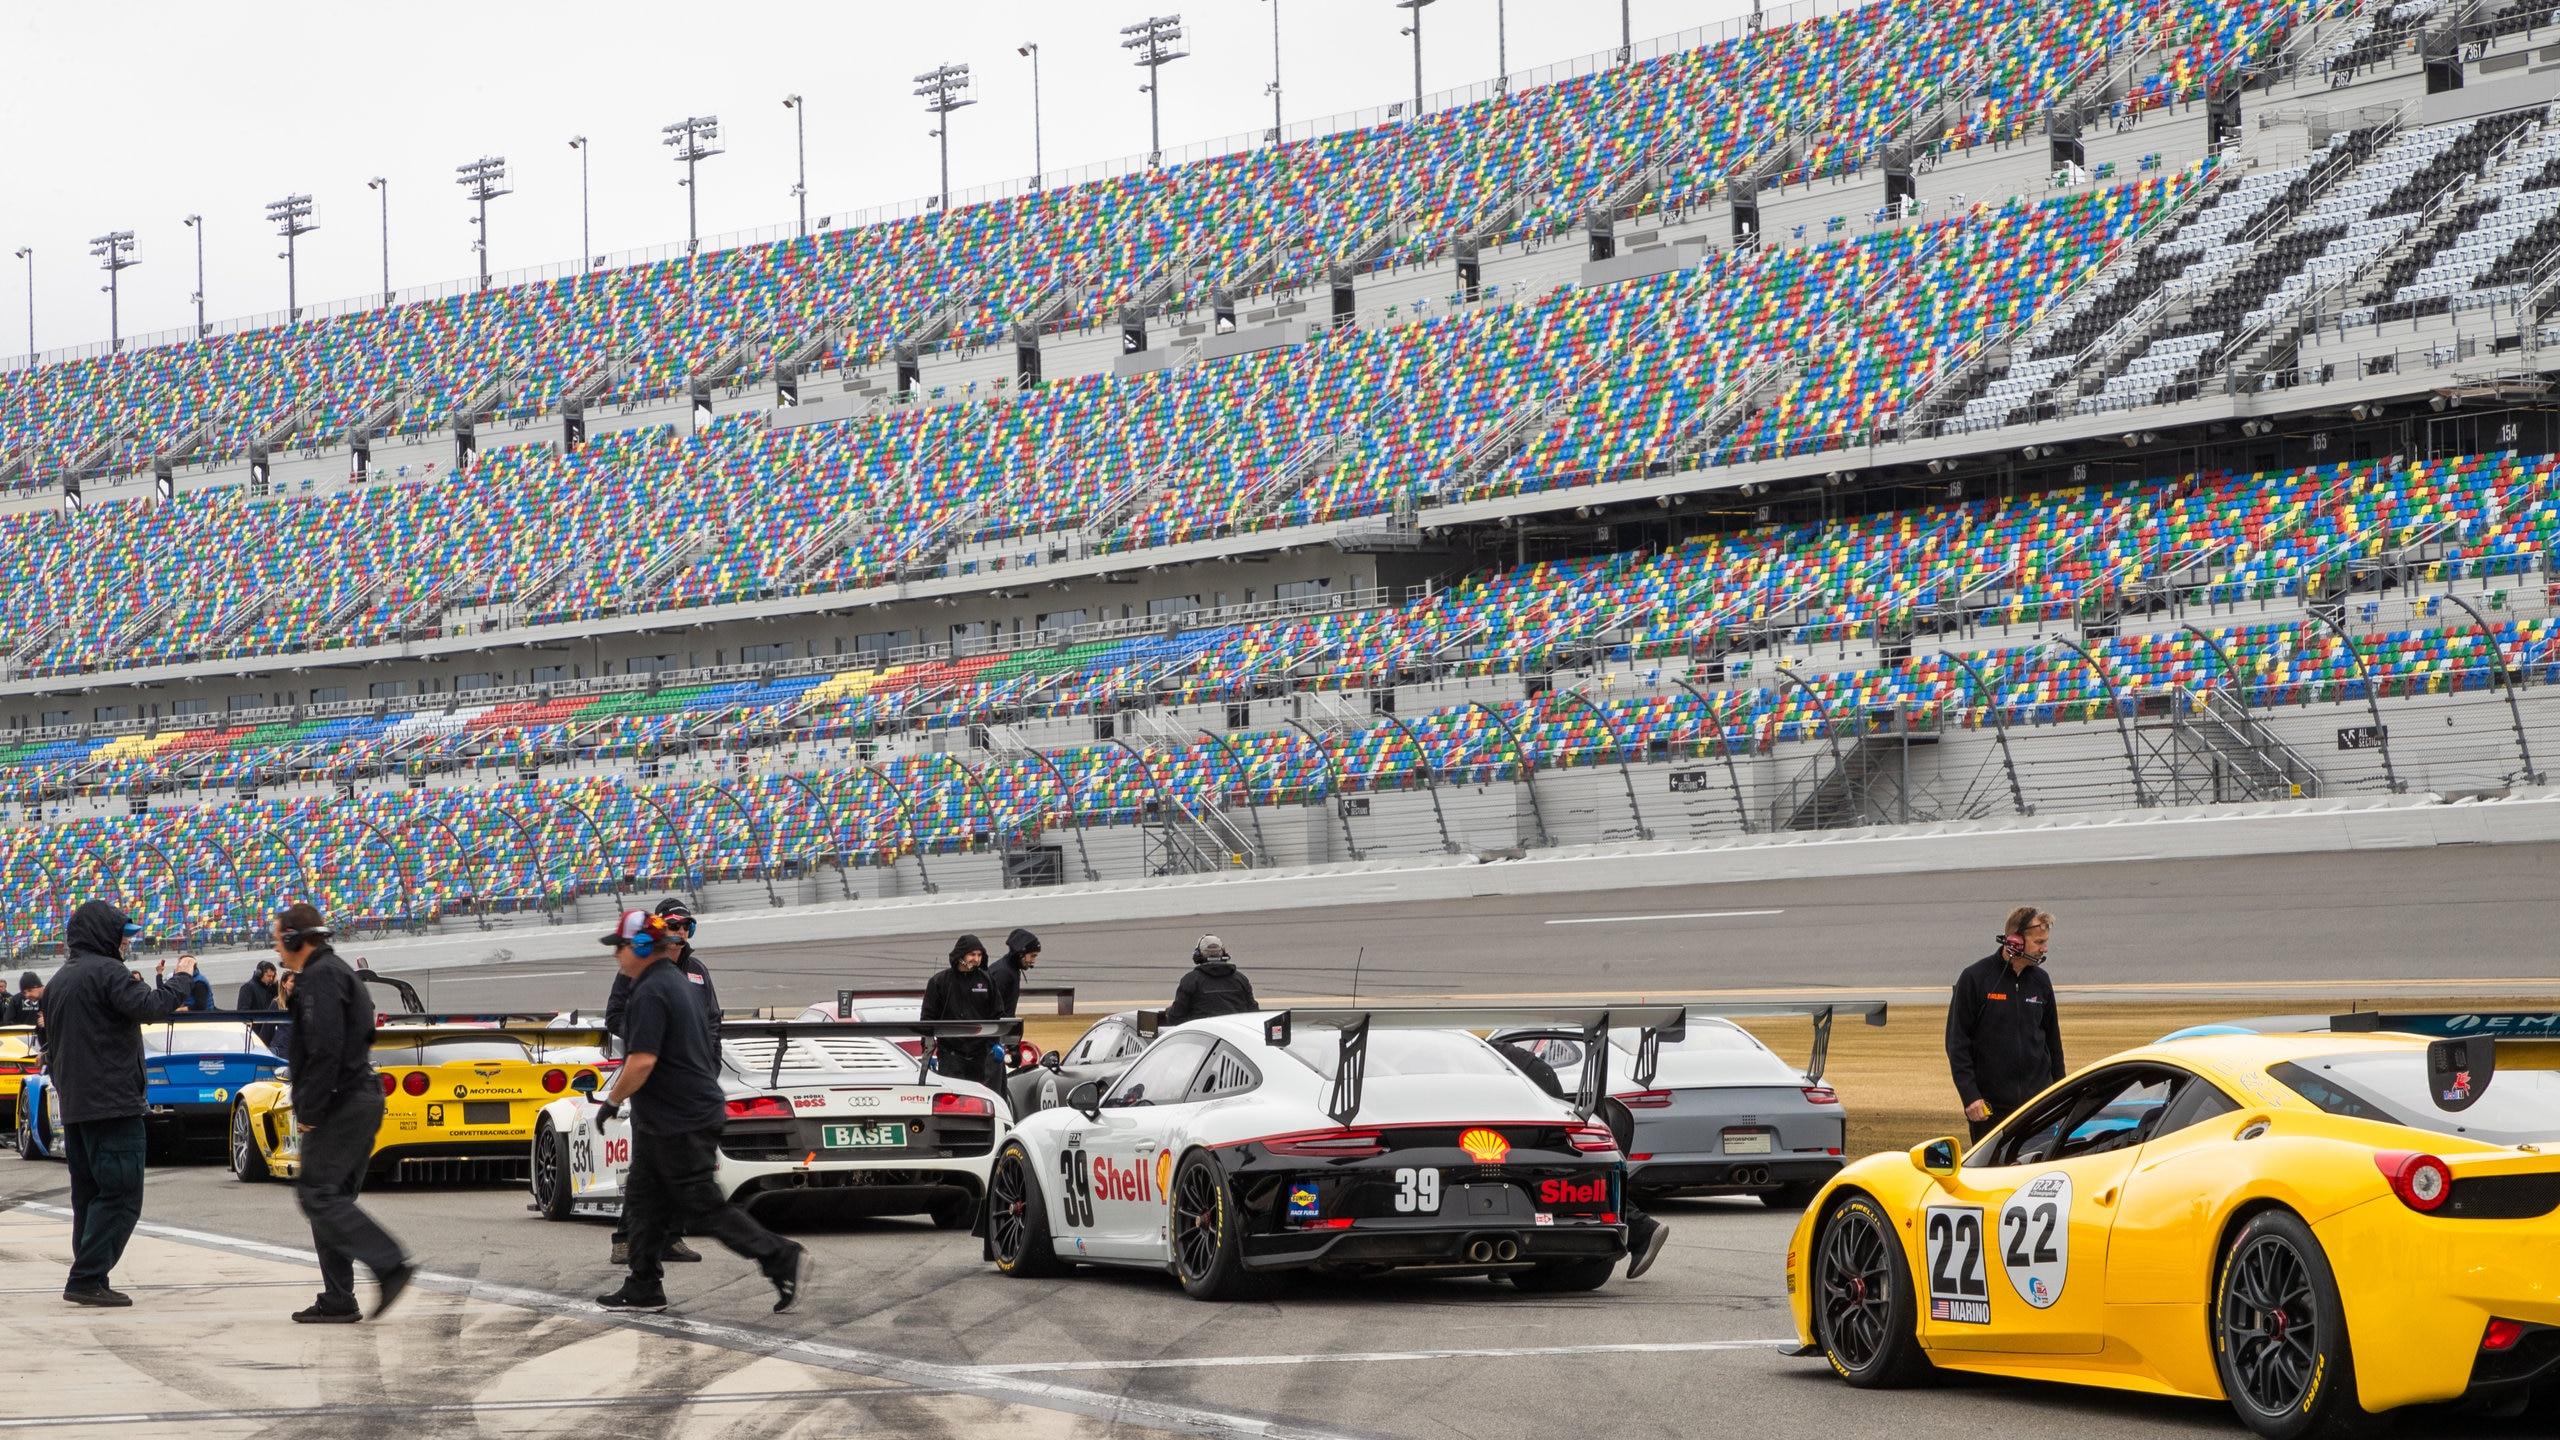 Daytona International Speedway, Daytona Beach, Florida, United States of America